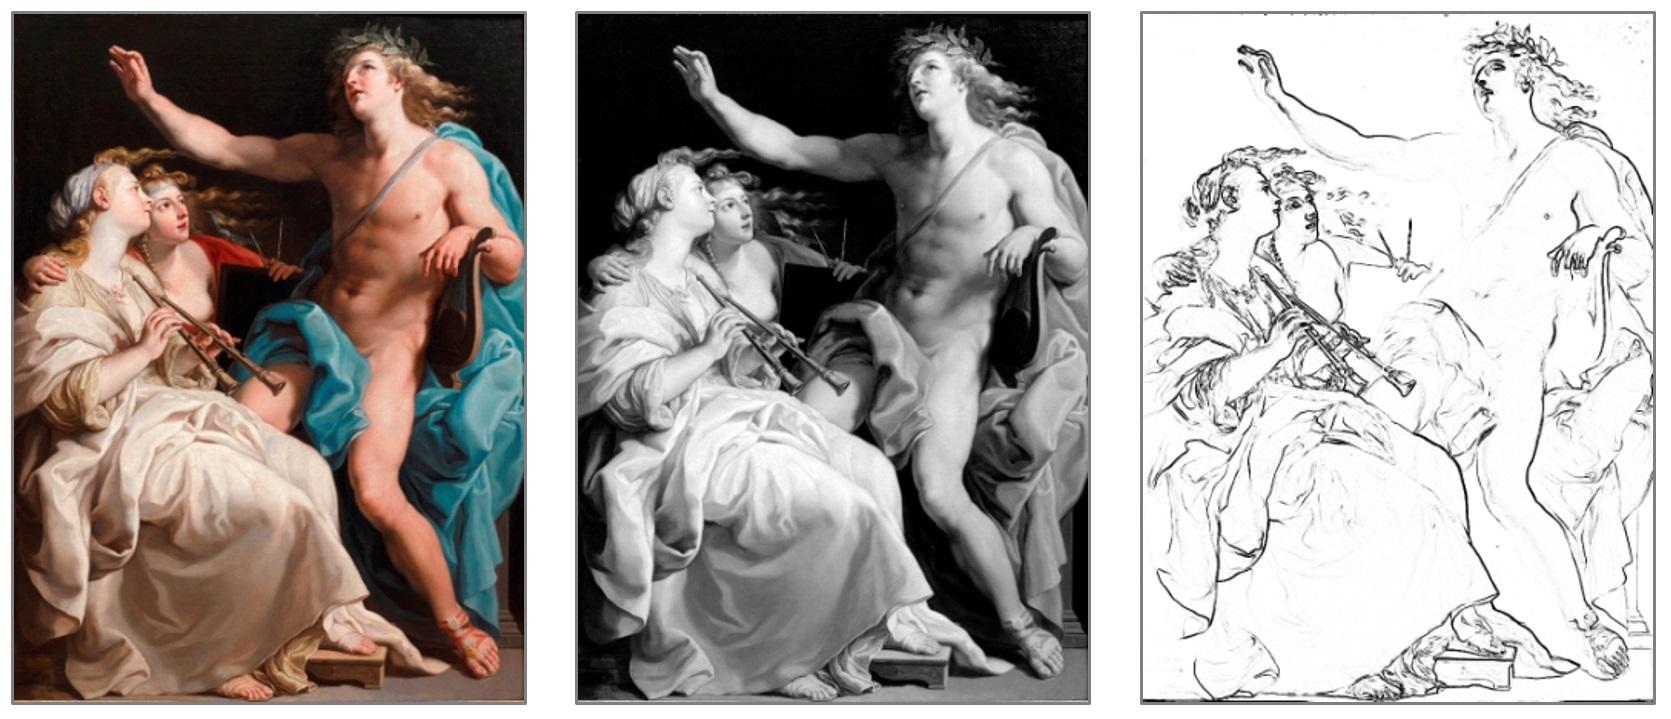 Apollo i dwie Muzy w trzech wersjach: w pełnej gamie kolorów, monochromatycznej i w postaci konturów postaci, ustalonych na podstawie kontrastów ich oświetlenia